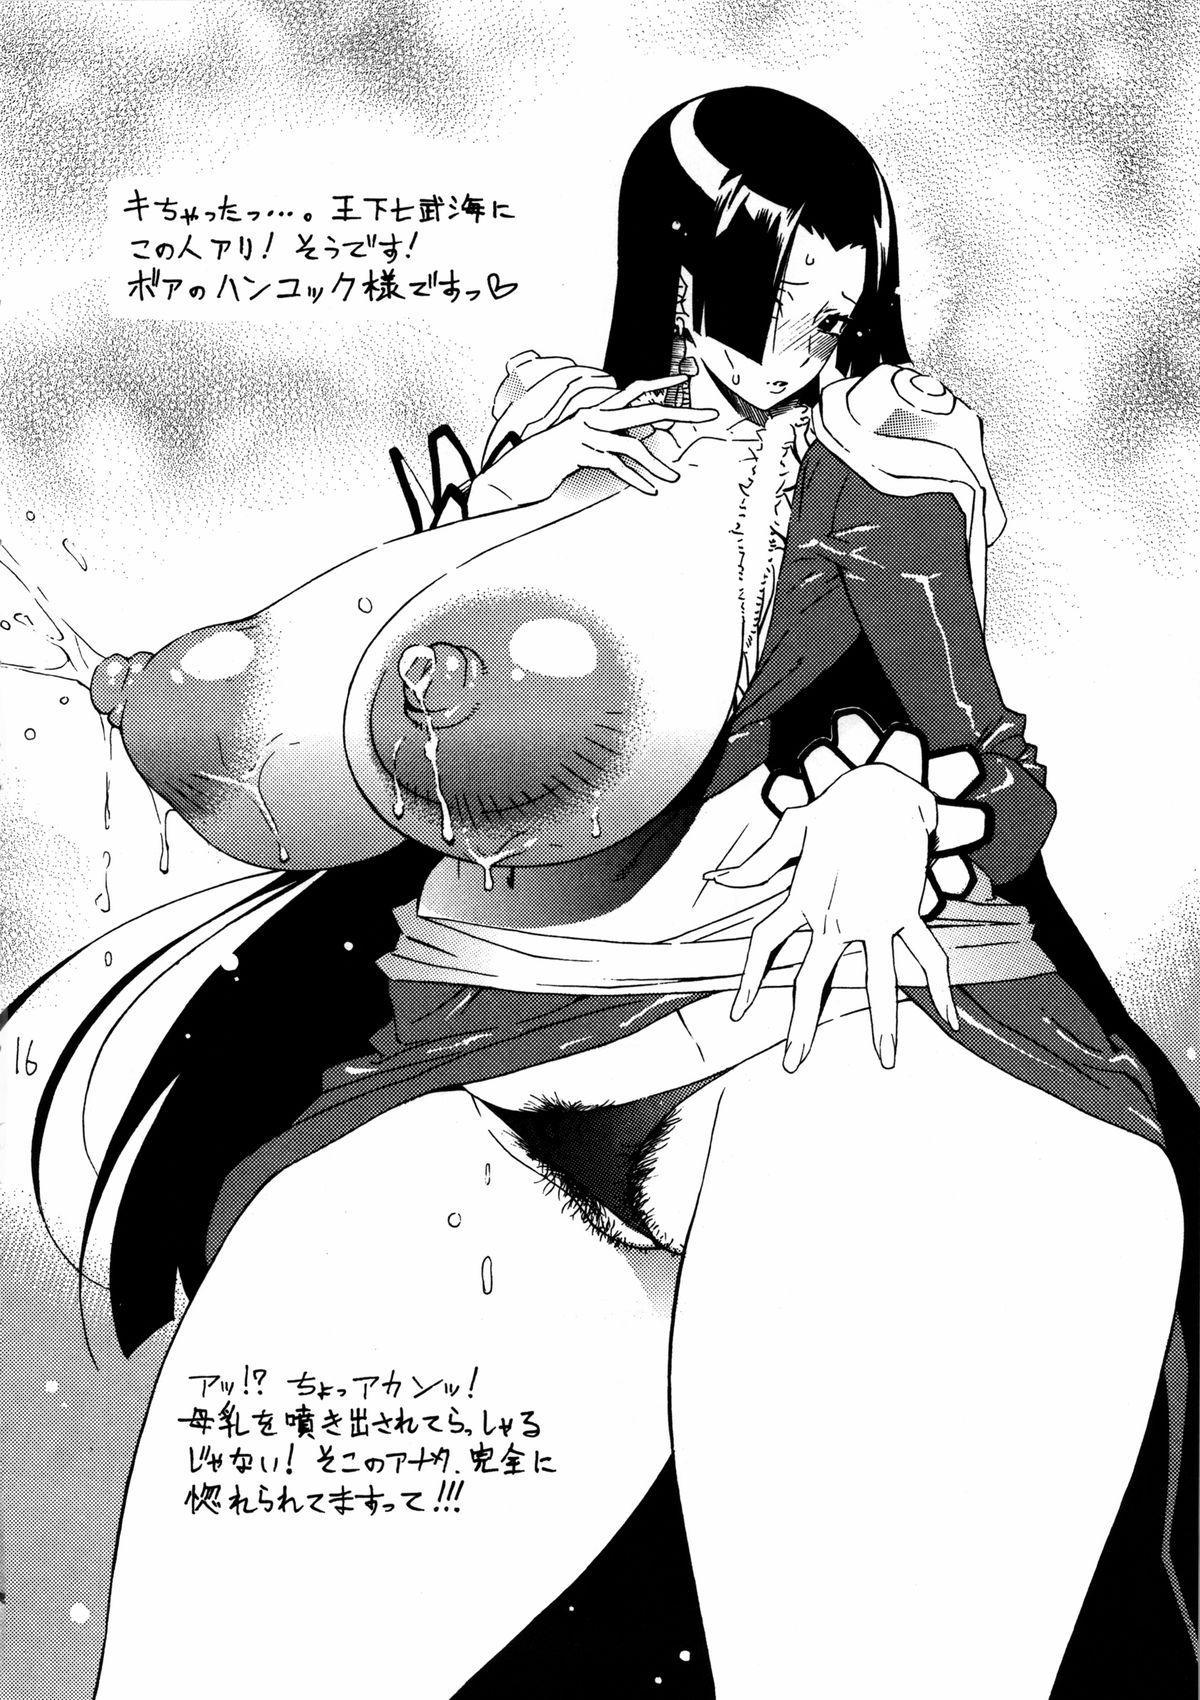 Tonikaku Suki Chara wo Hitasura ni Kaite Kaite Kakimakutta dake no Hon 16